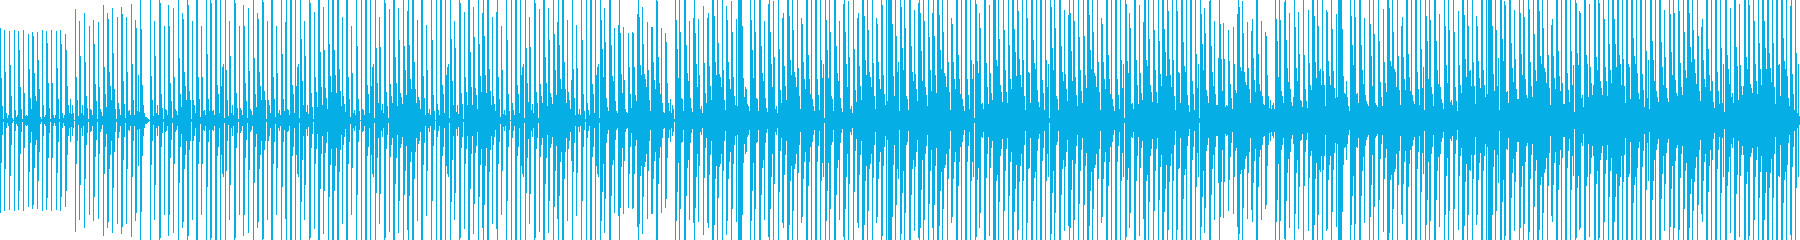 少し怪しげな雰囲気なエスニックなBGMの再生済みの波形